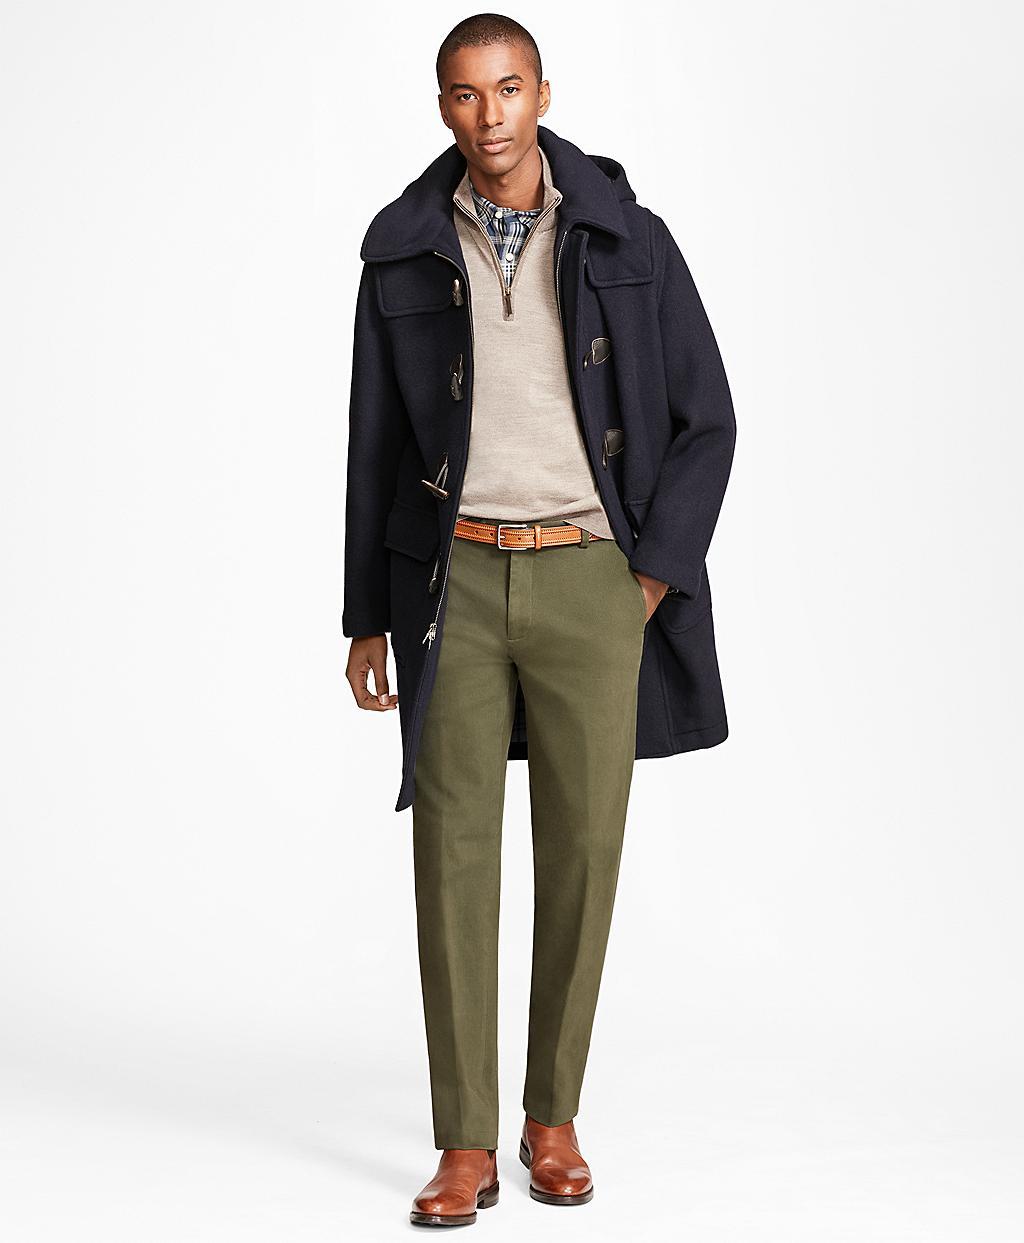 duffle-coat-homme-look-classique